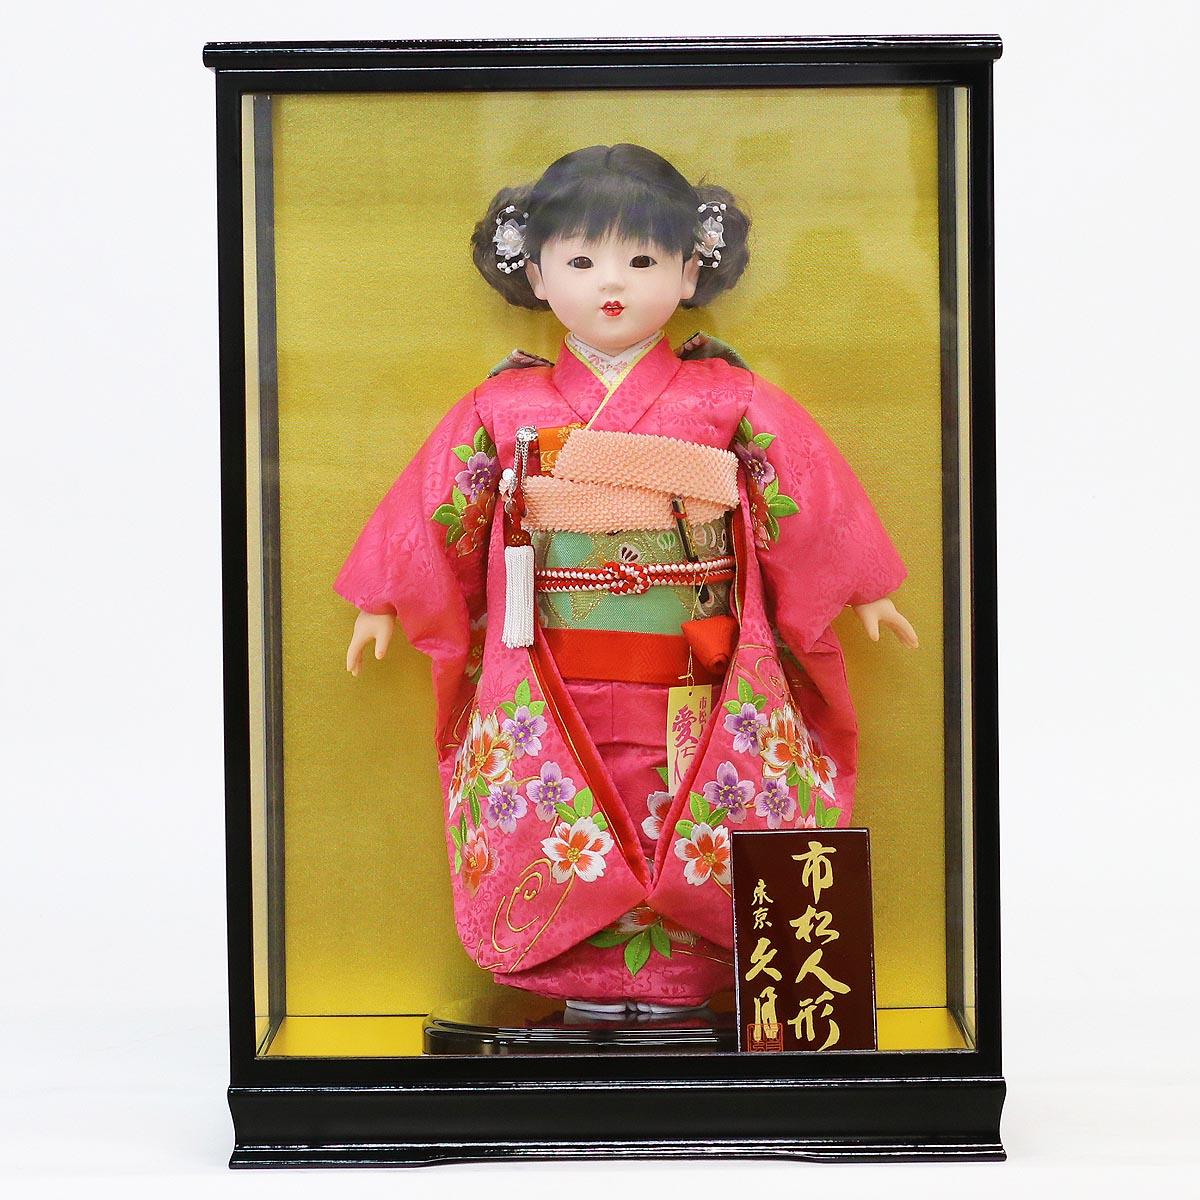 雛人形 久月 コンパクト 市松人形 久月作 市松人形 愛ちゃん ピンク ケース入り (HB9) 市松 ICQ-K13086G-87-C (HB9)ひな人形 かわいい おしゃれ インテリア ひな人形 小さい ミニ